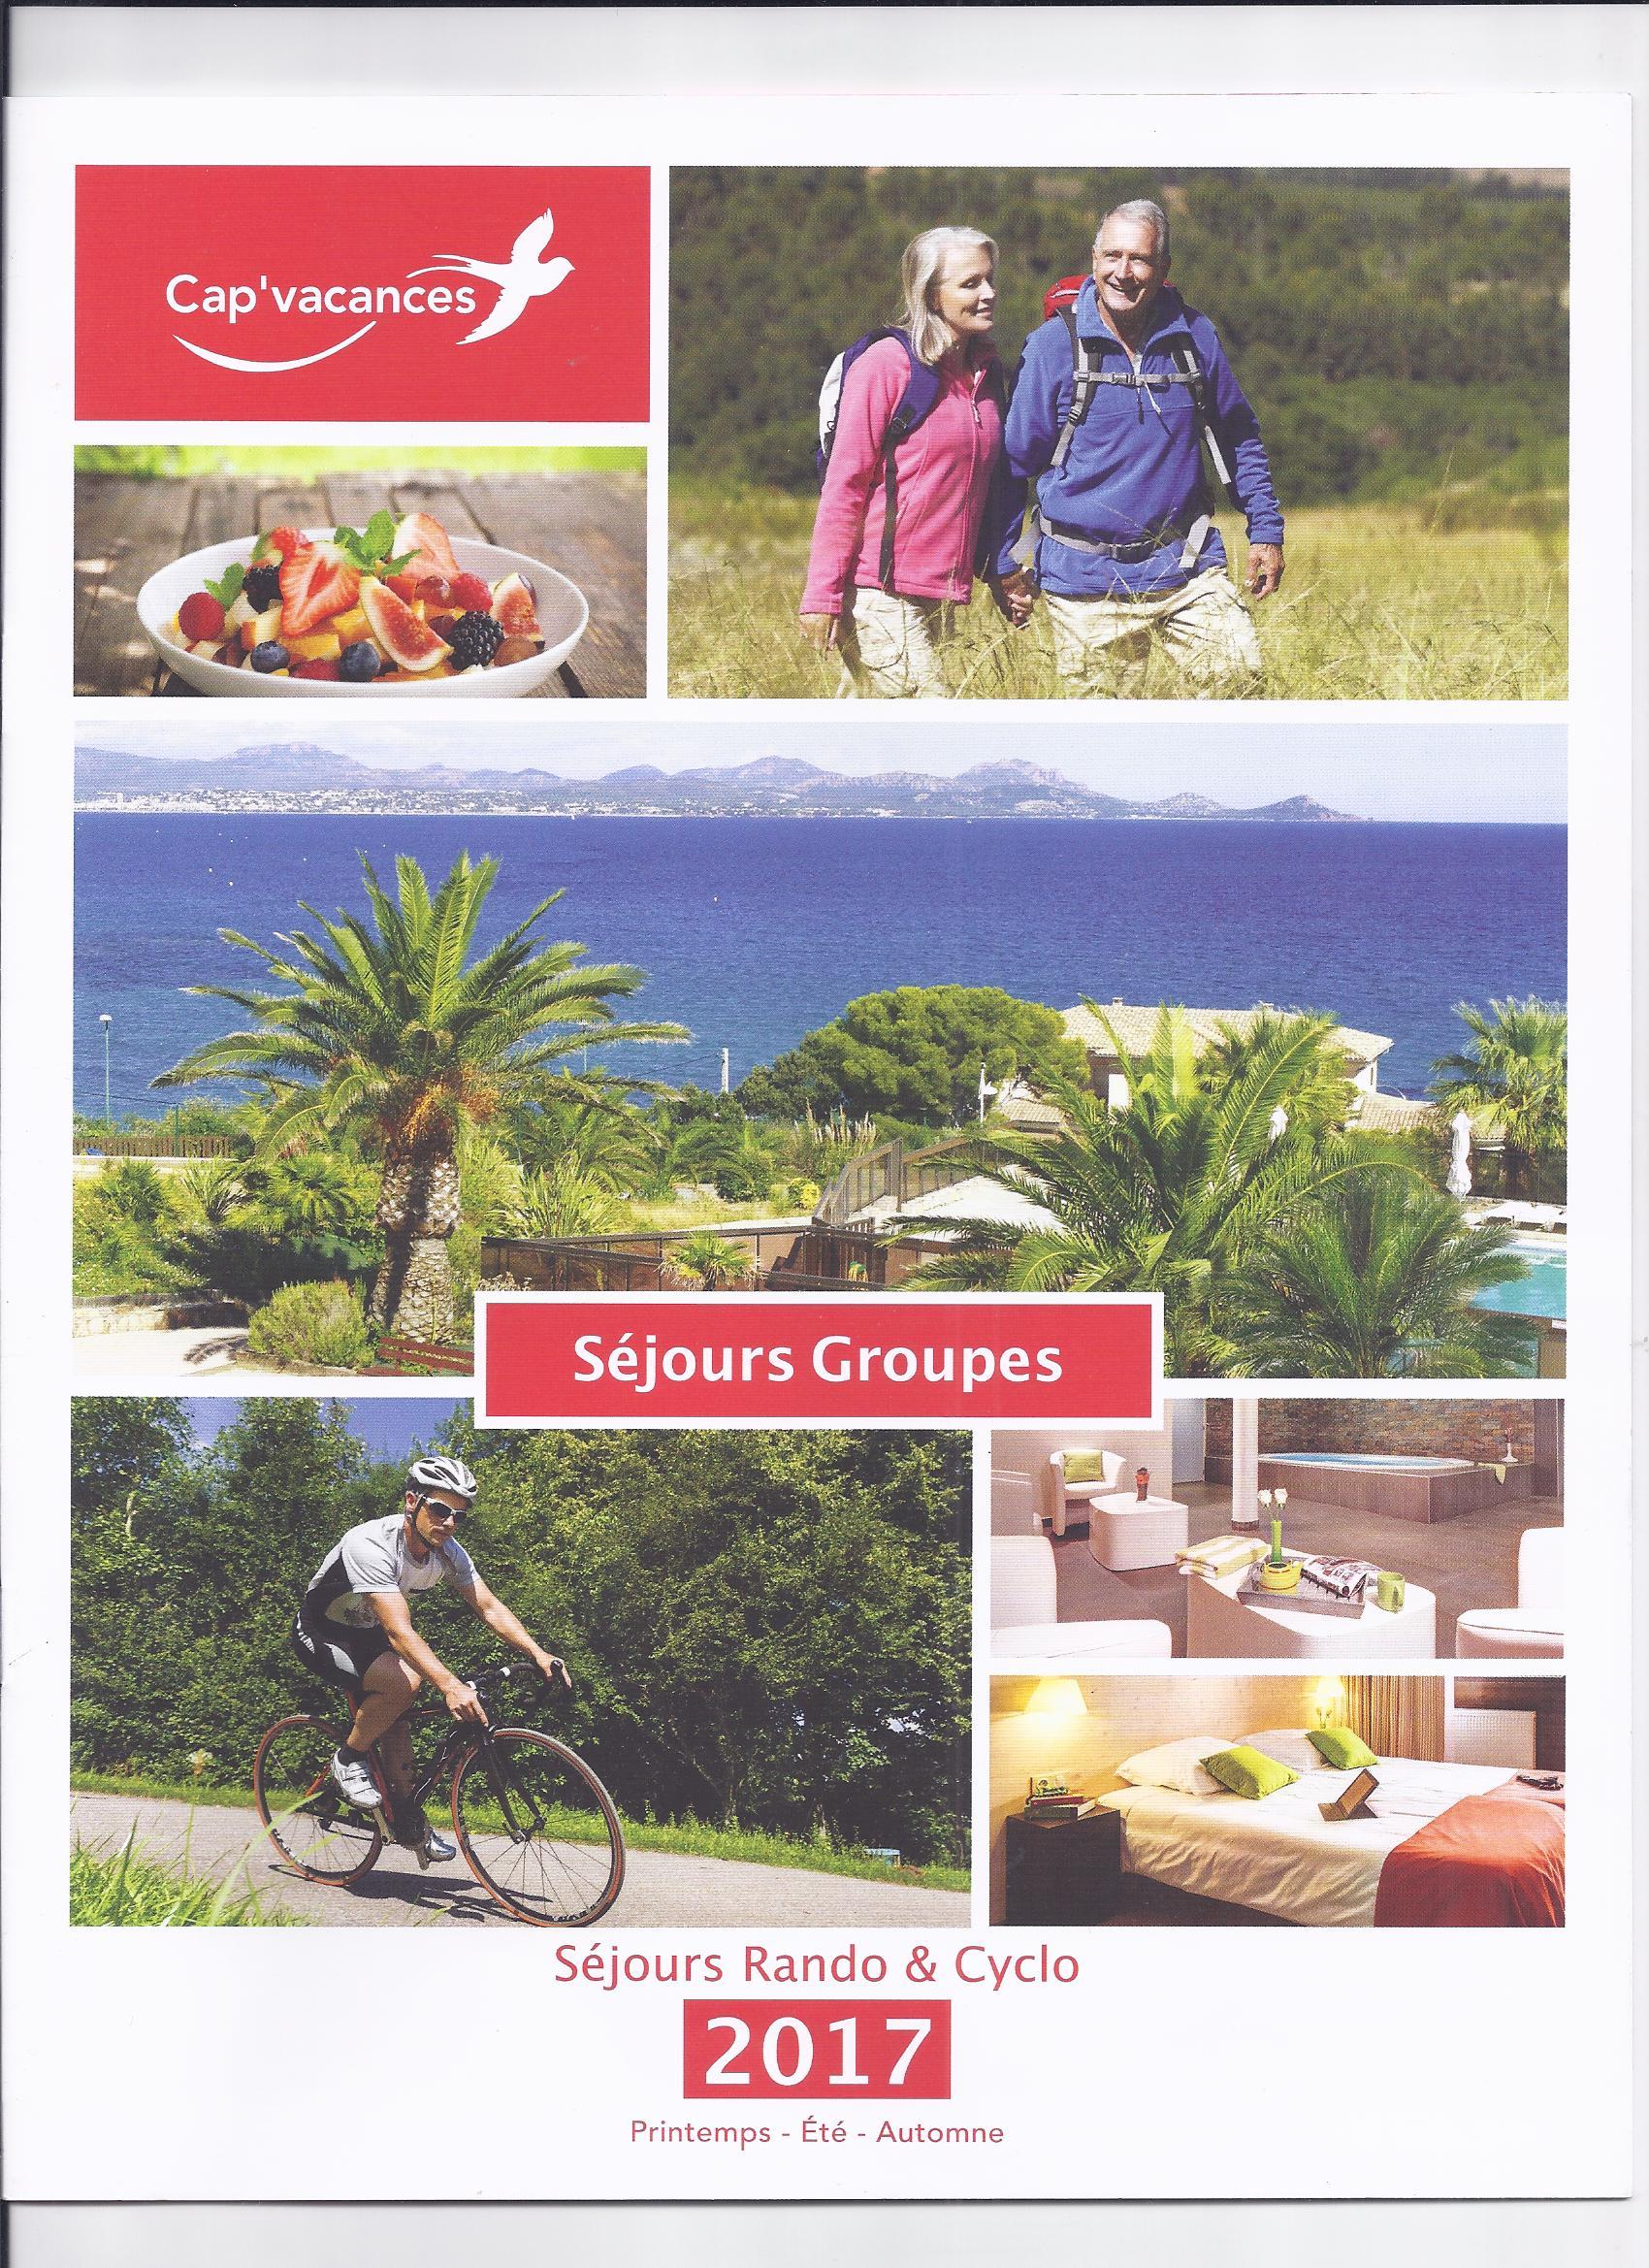 """Cap'Vacances : """"Pour rester dans le marché, tourisme social ou pas, il faut un produit de qualité compétitif en prix"""""""